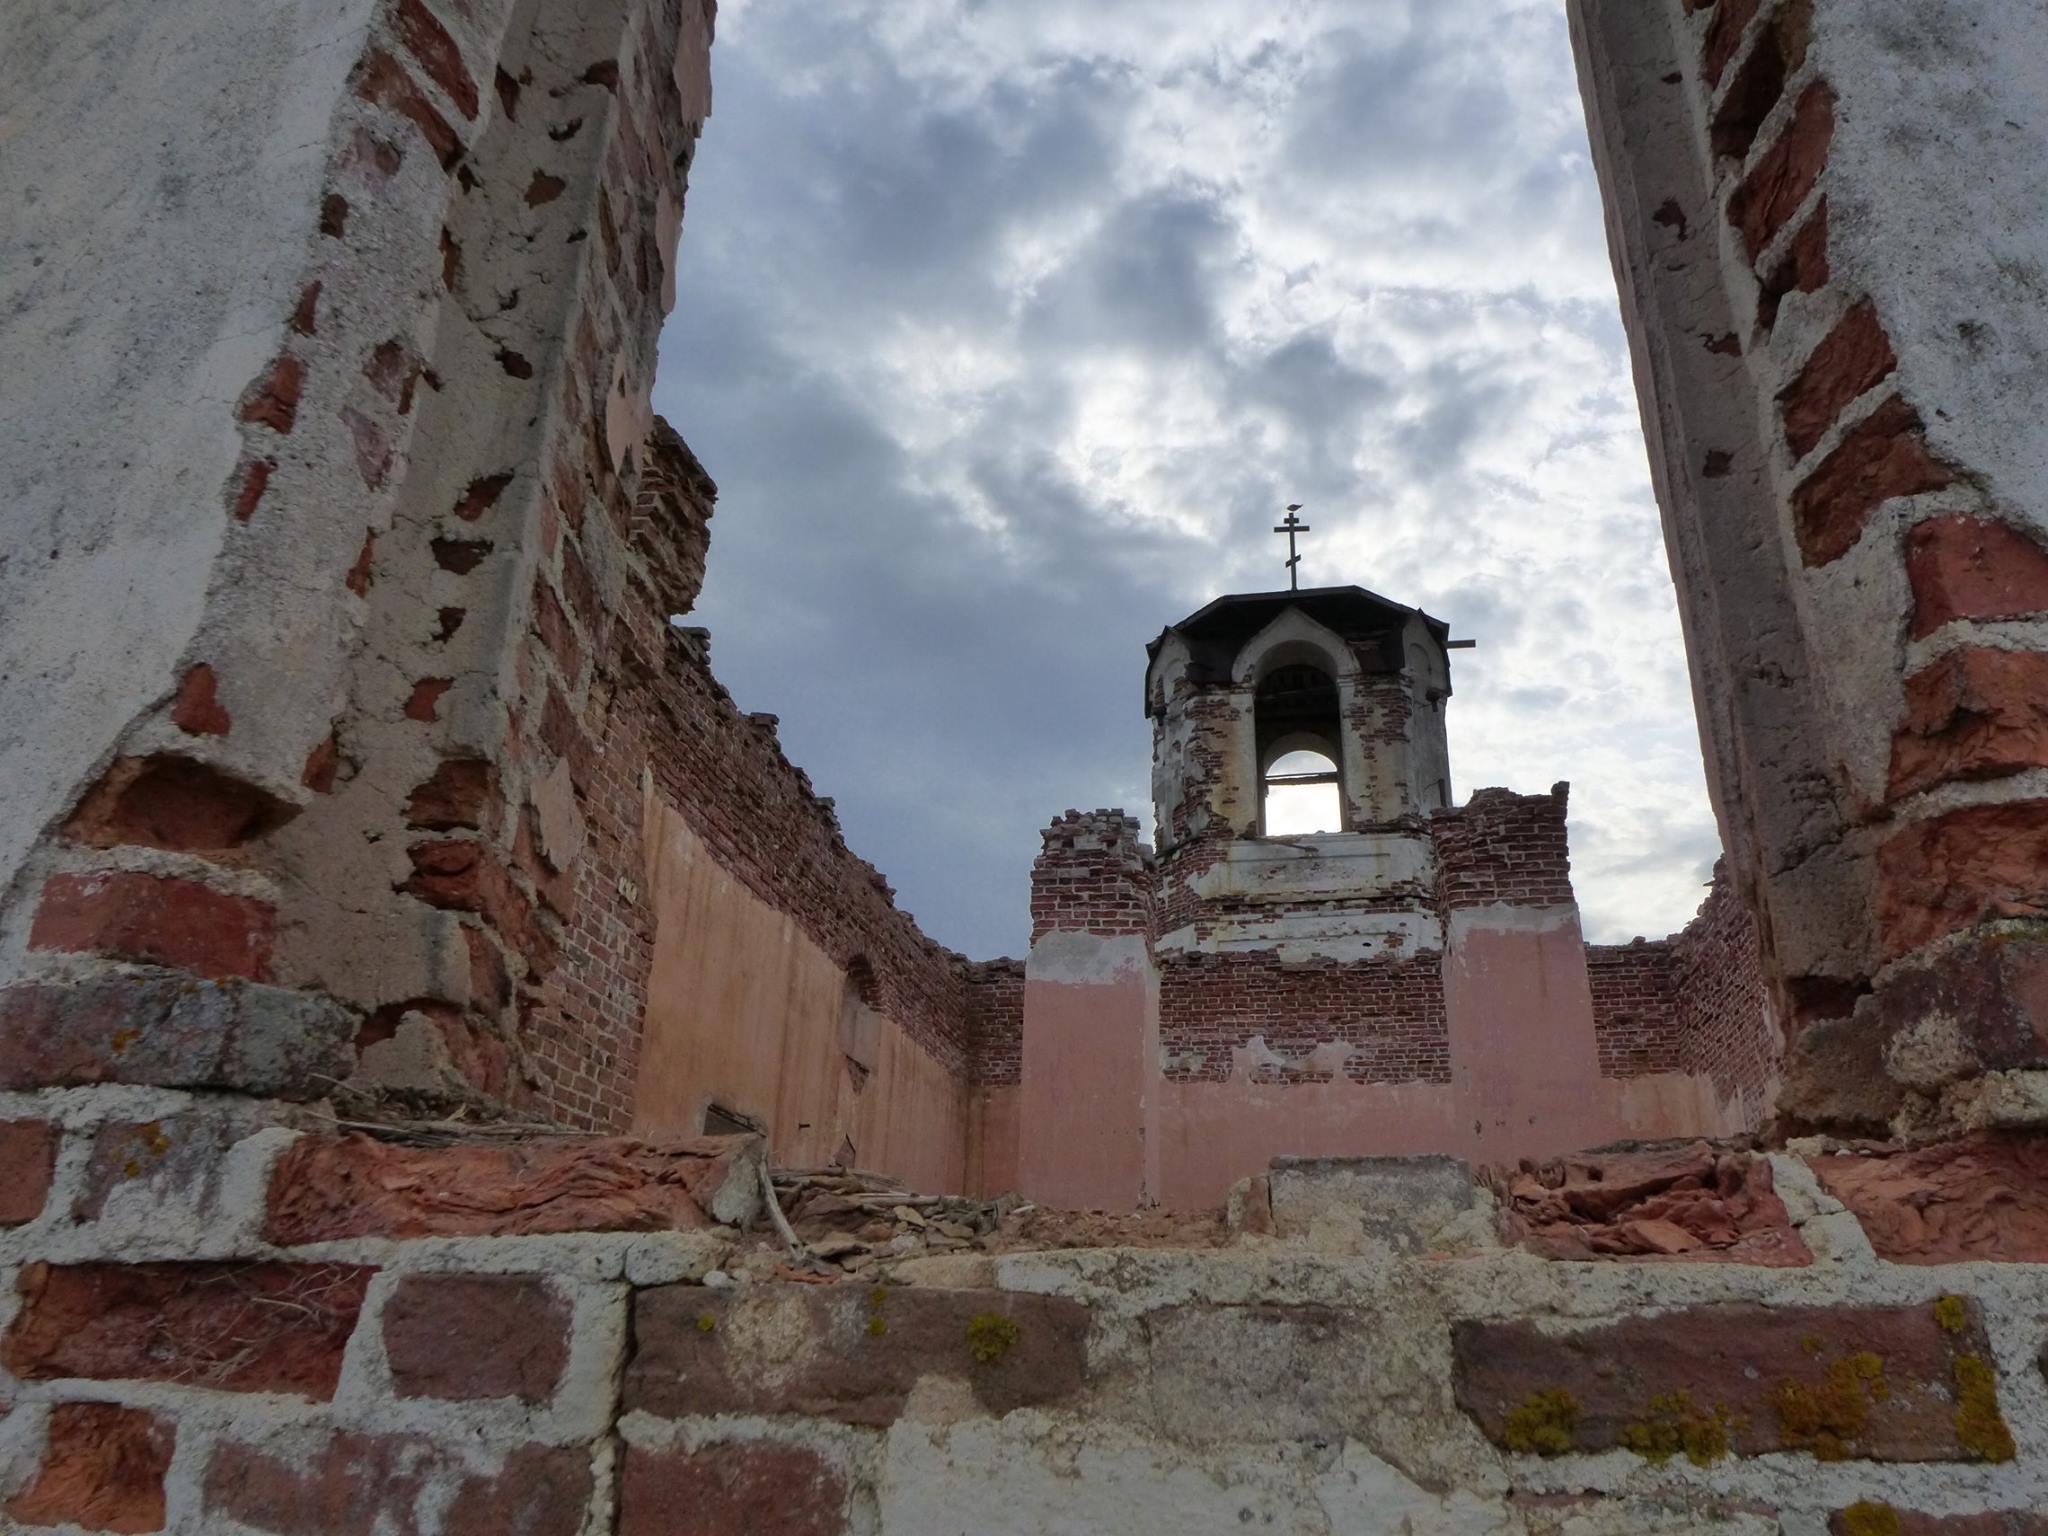 Так выглядит храм в наши дни. Фото: Сергей Куликов